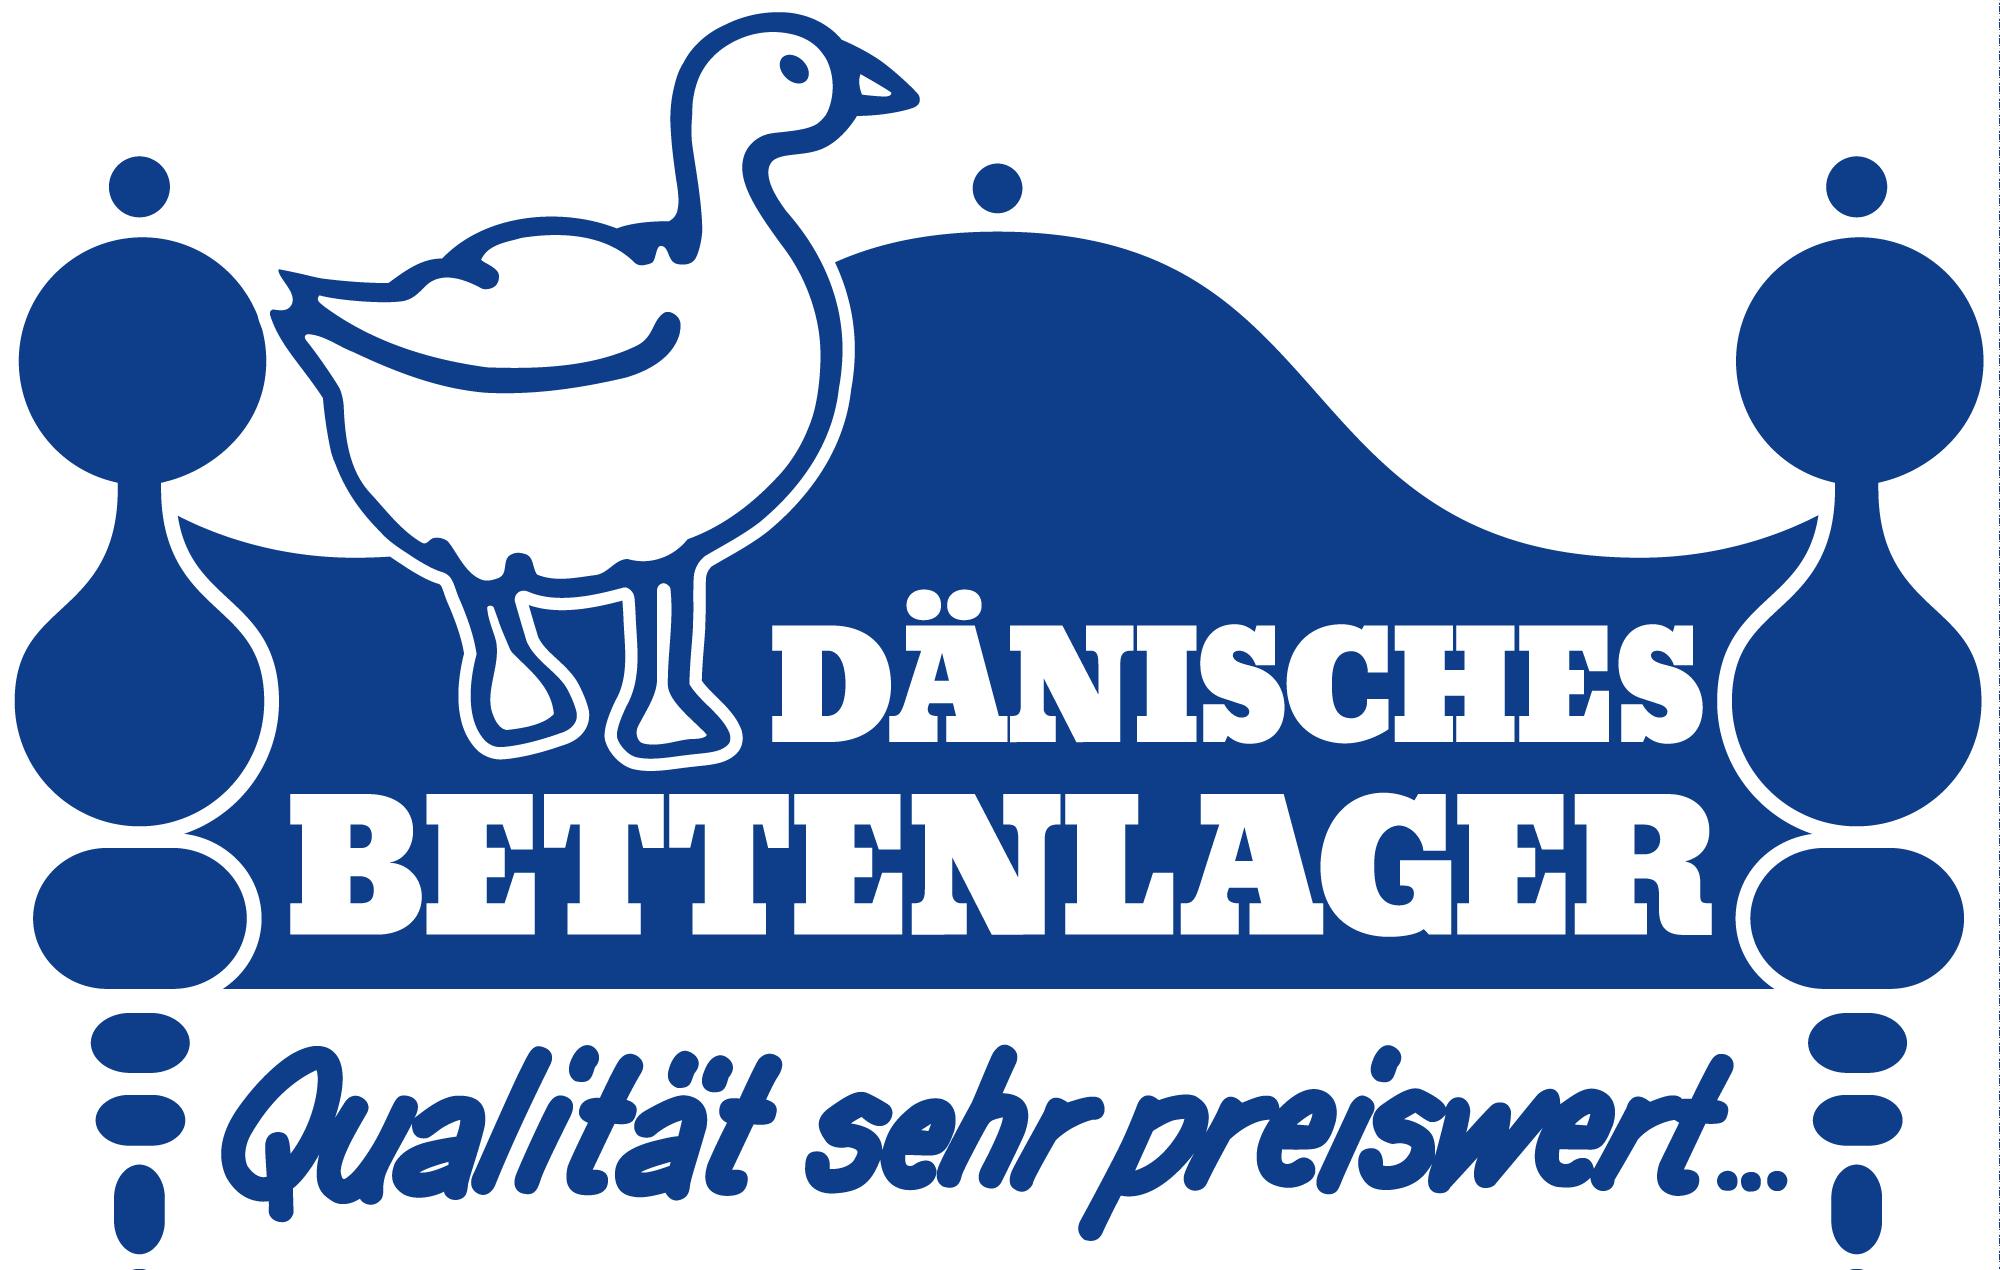 [Dänisches Bettenlager] Kostenloser Versand ab 20€ MBW statt 5,99€, (außer Spedition, aber inkl. Matratzen)